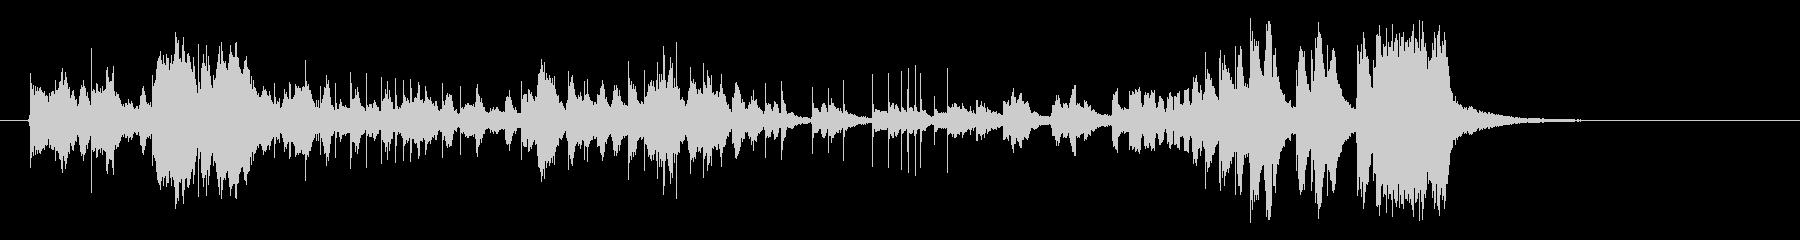 トムとジェリー風サントラ高音質48kHzの未再生の波形